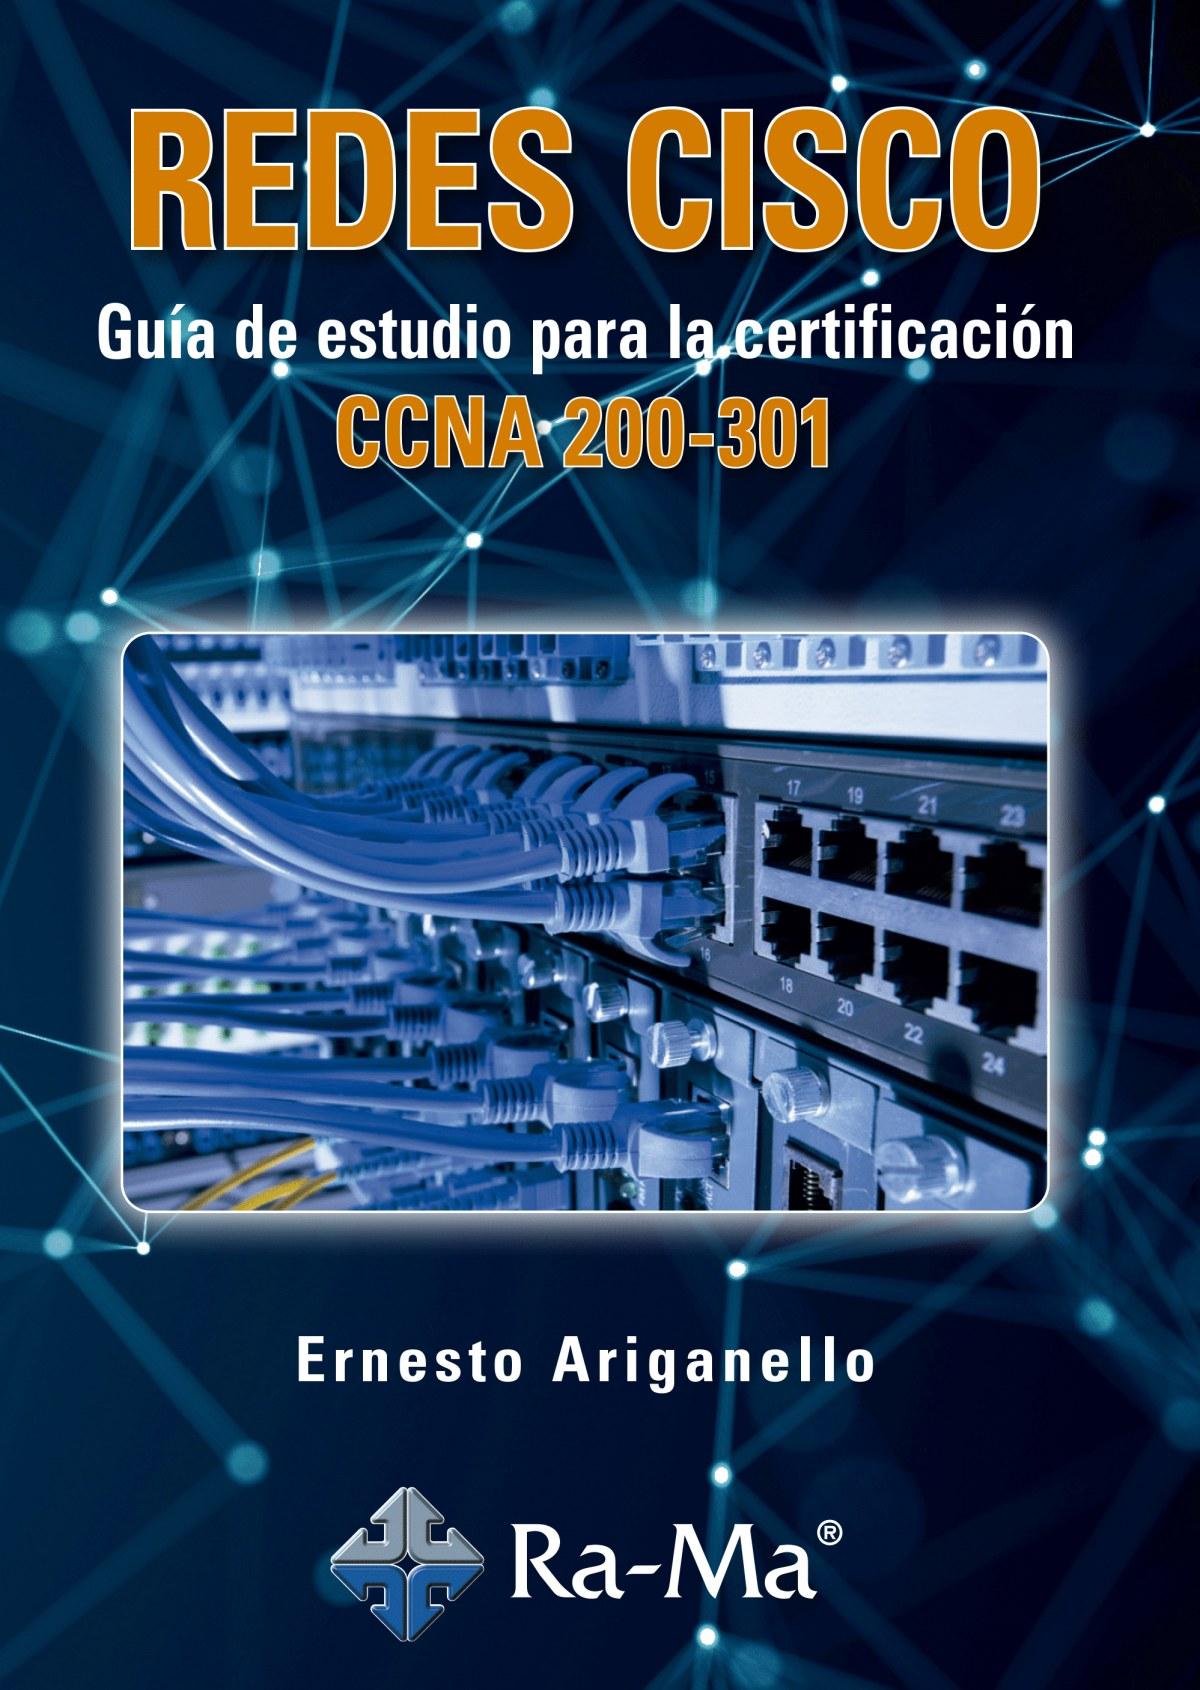 Redes cisco 9788499649306